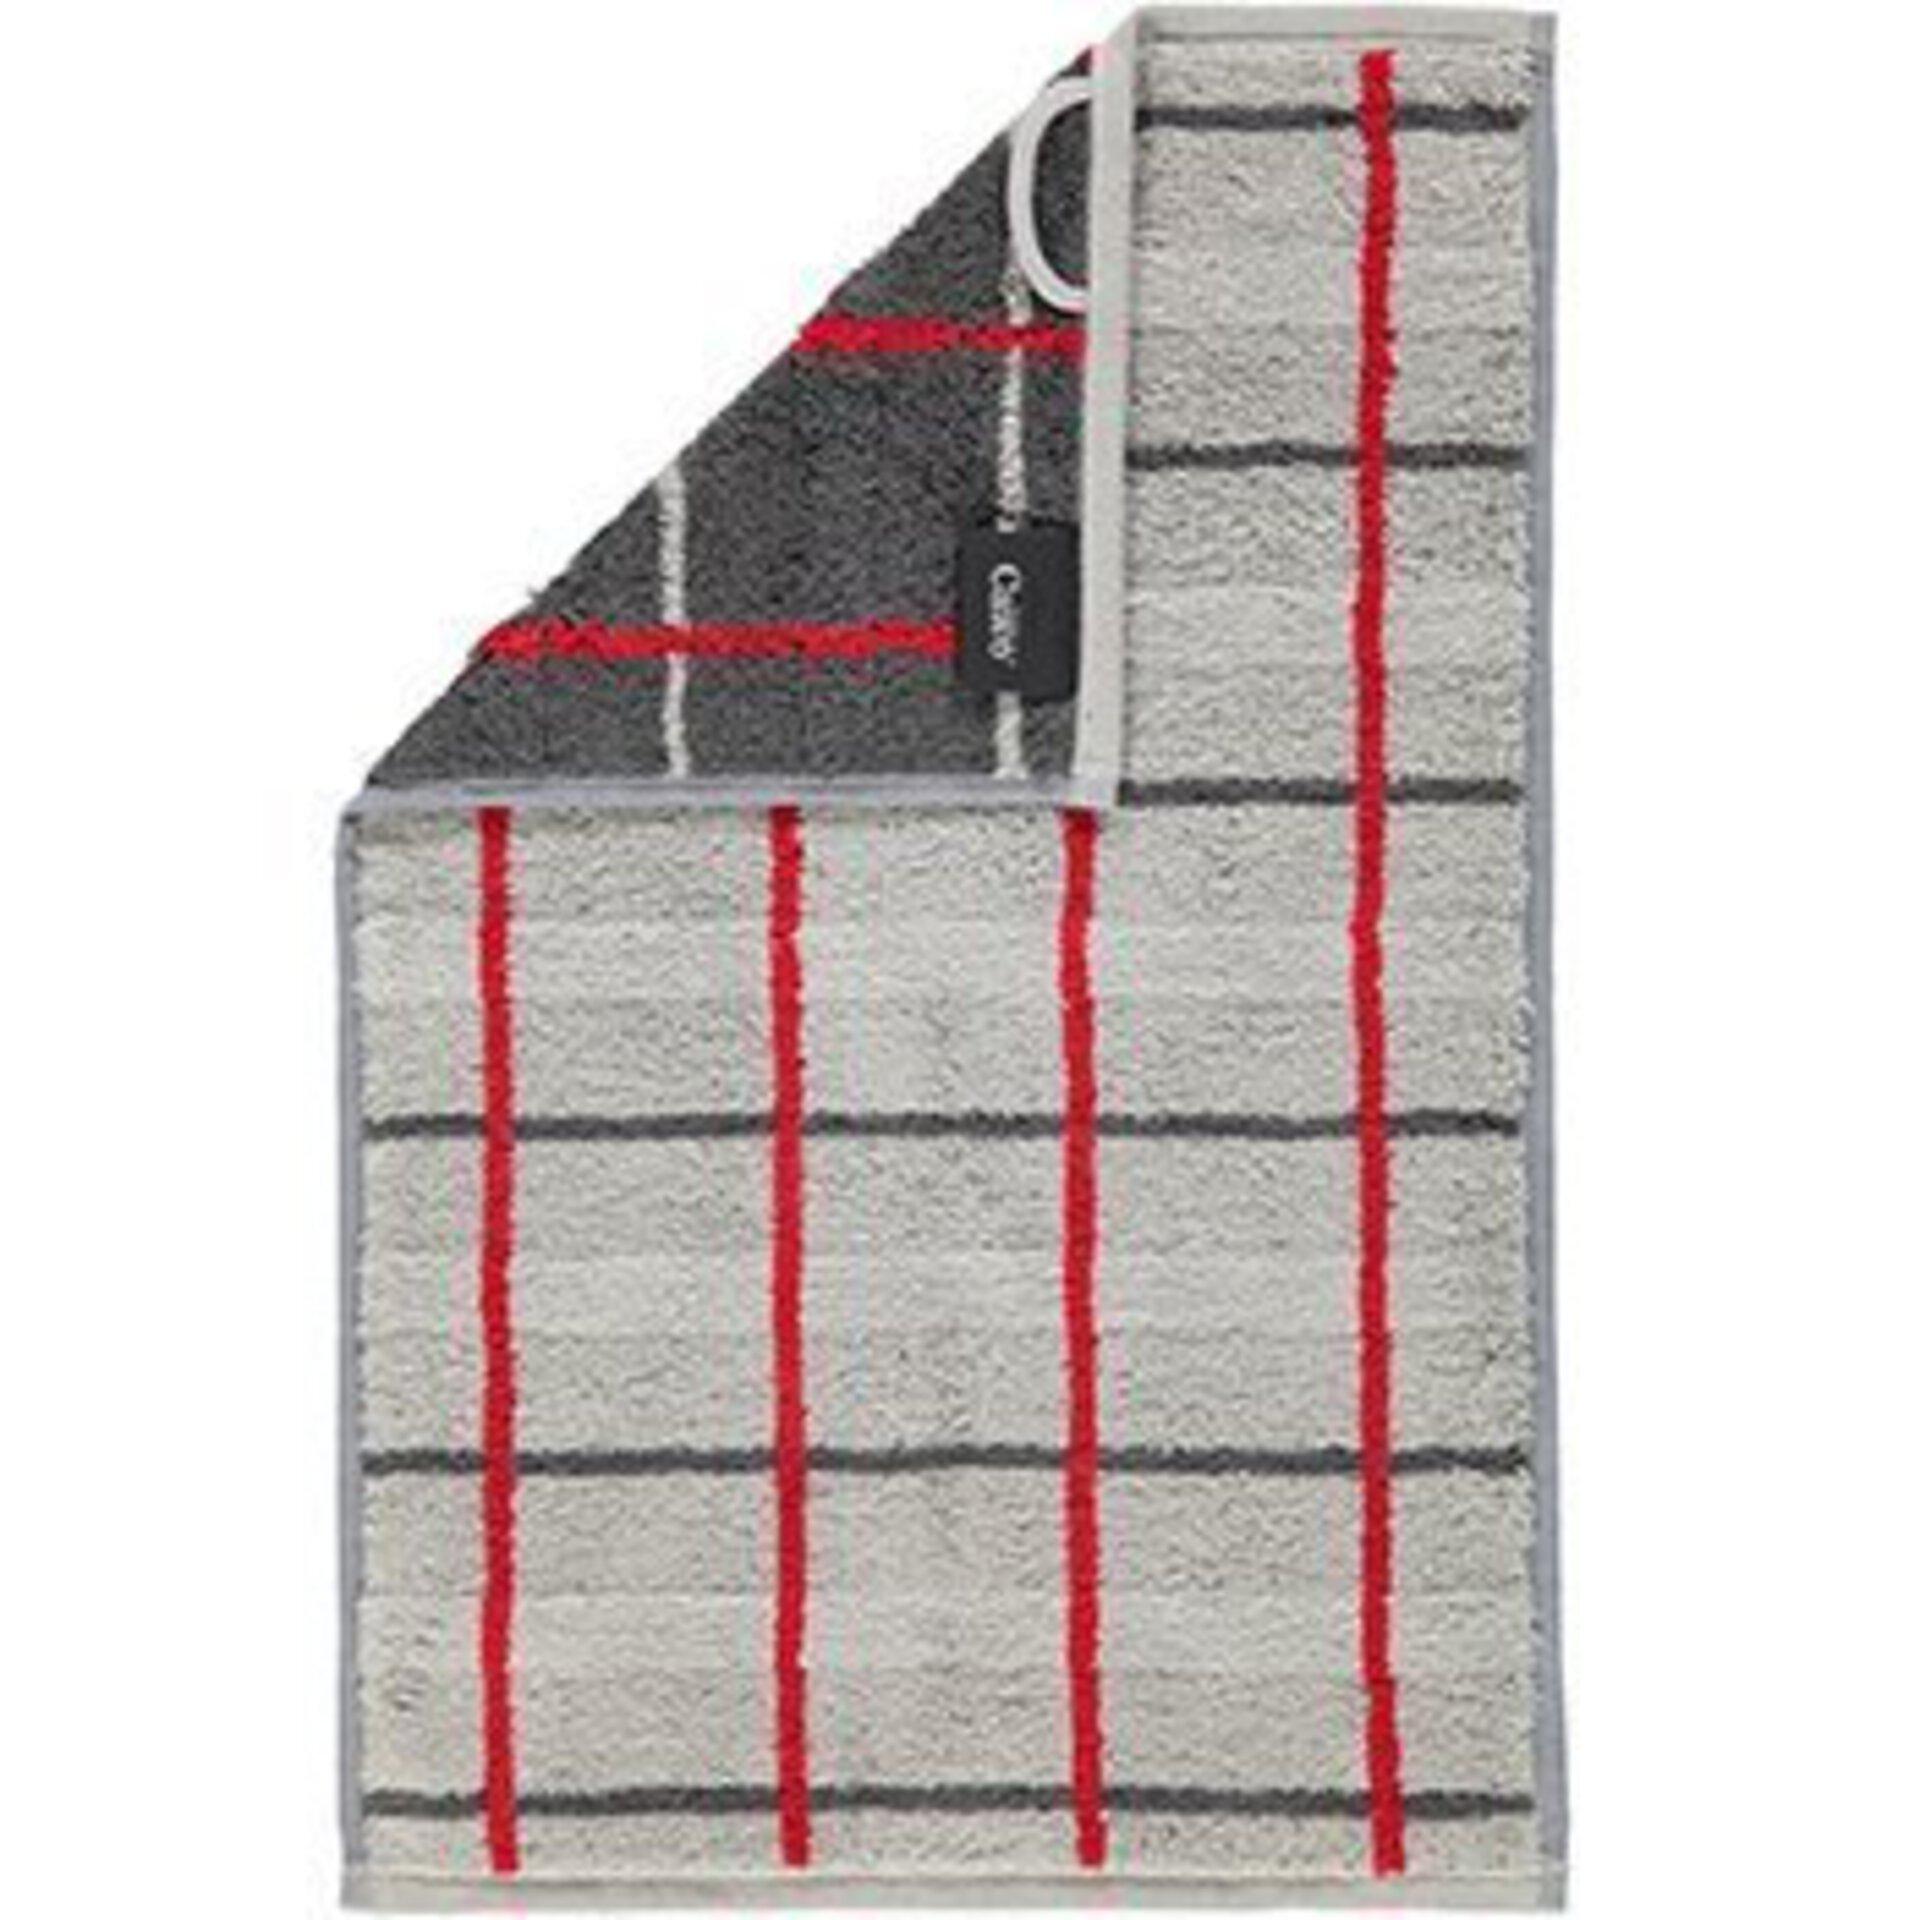 Gästetuch Noblesse Square Cawö Textil 30 x 50 cm